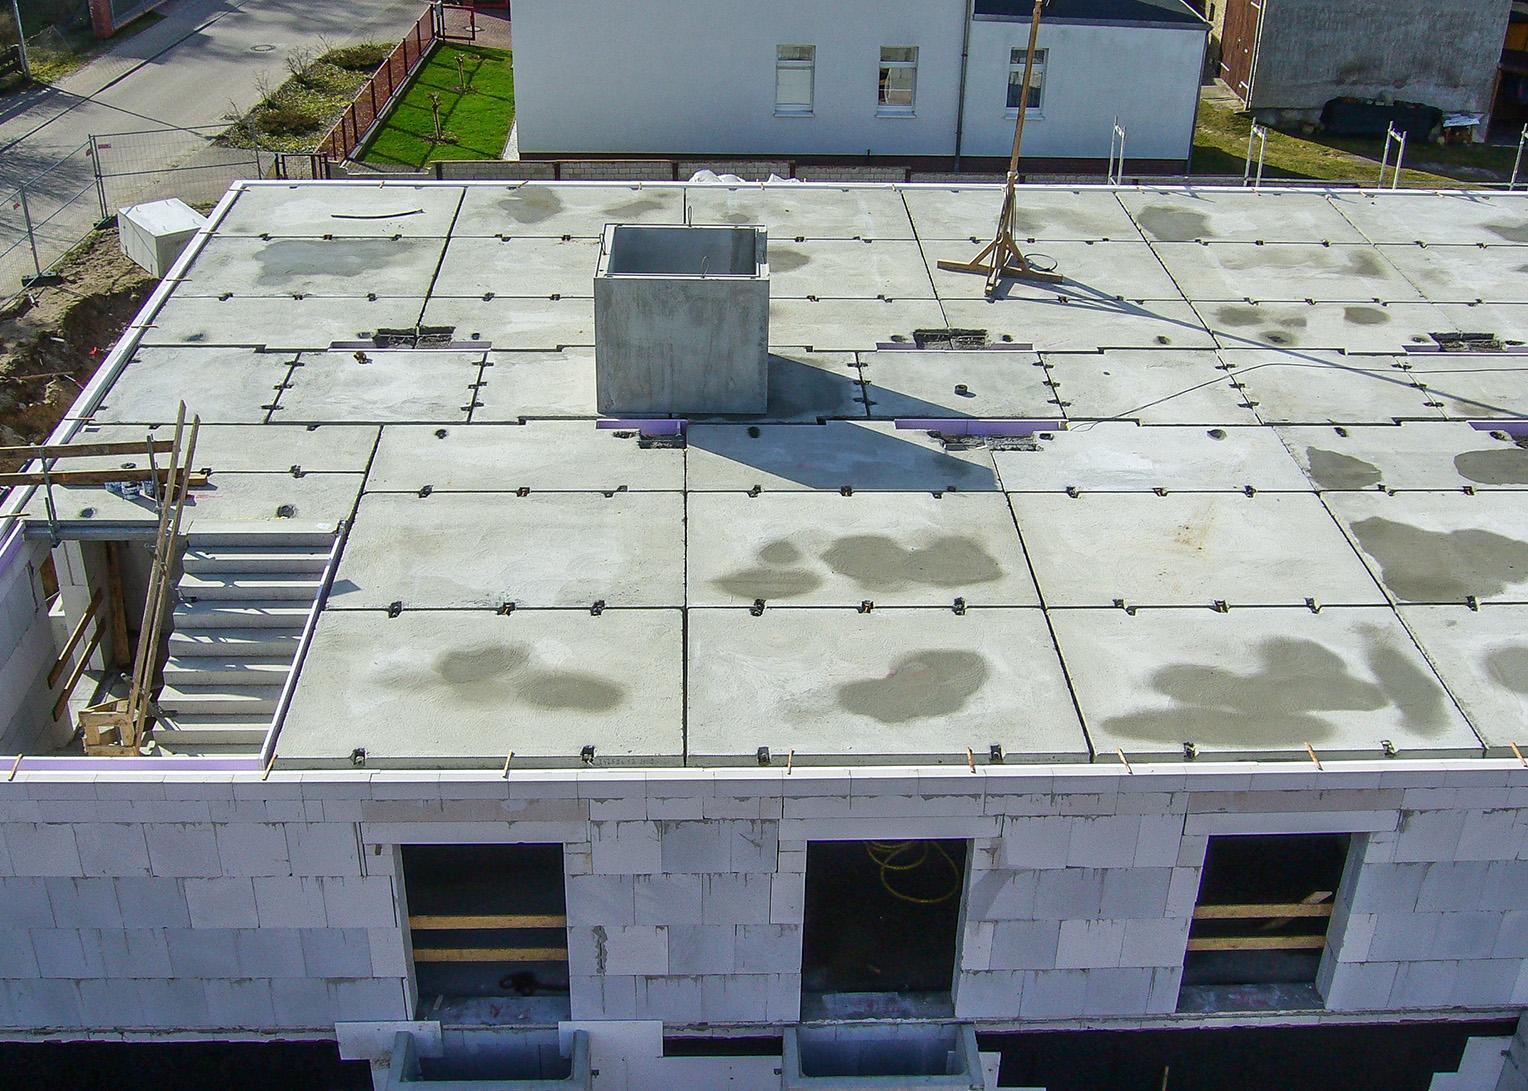 vollmontagedecke schlaff bewehrte beton deckenelemente betondecken. Black Bedroom Furniture Sets. Home Design Ideas